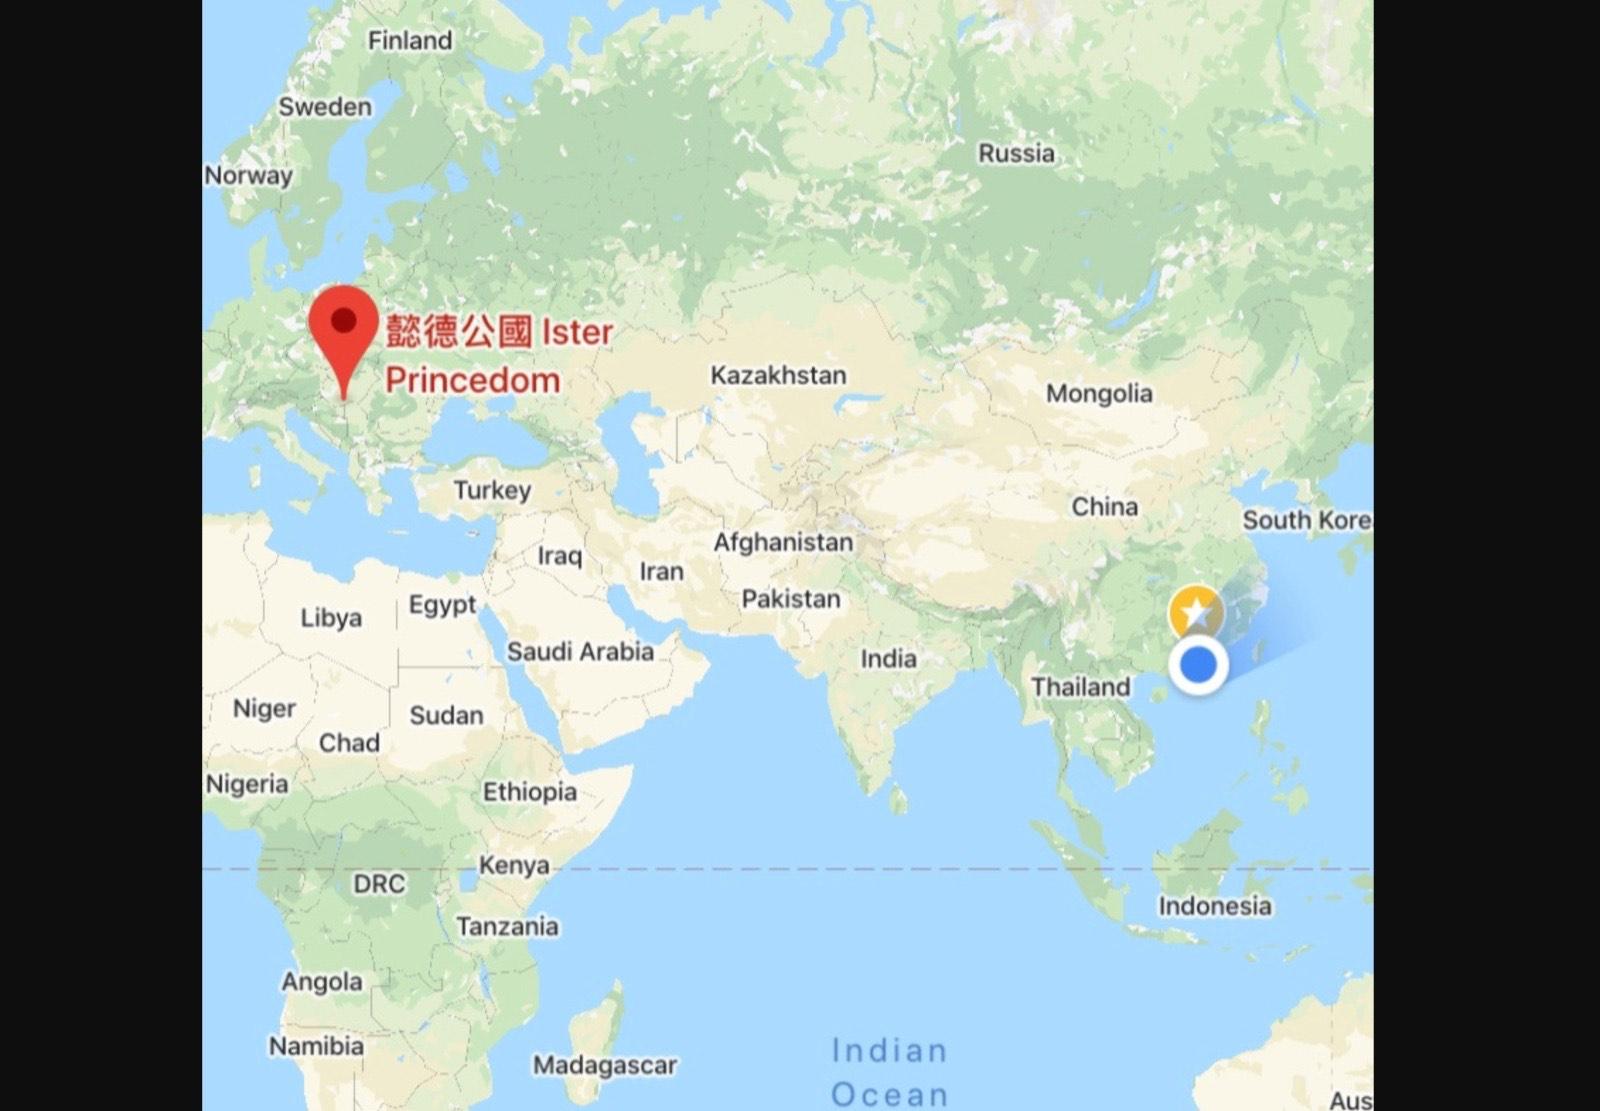 近日,網友發現,有港人已在歐洲成功「建國」,現更對香港市民開放入籍申請,但嚴禁共產主義信仰。(懿德公國Facebook)